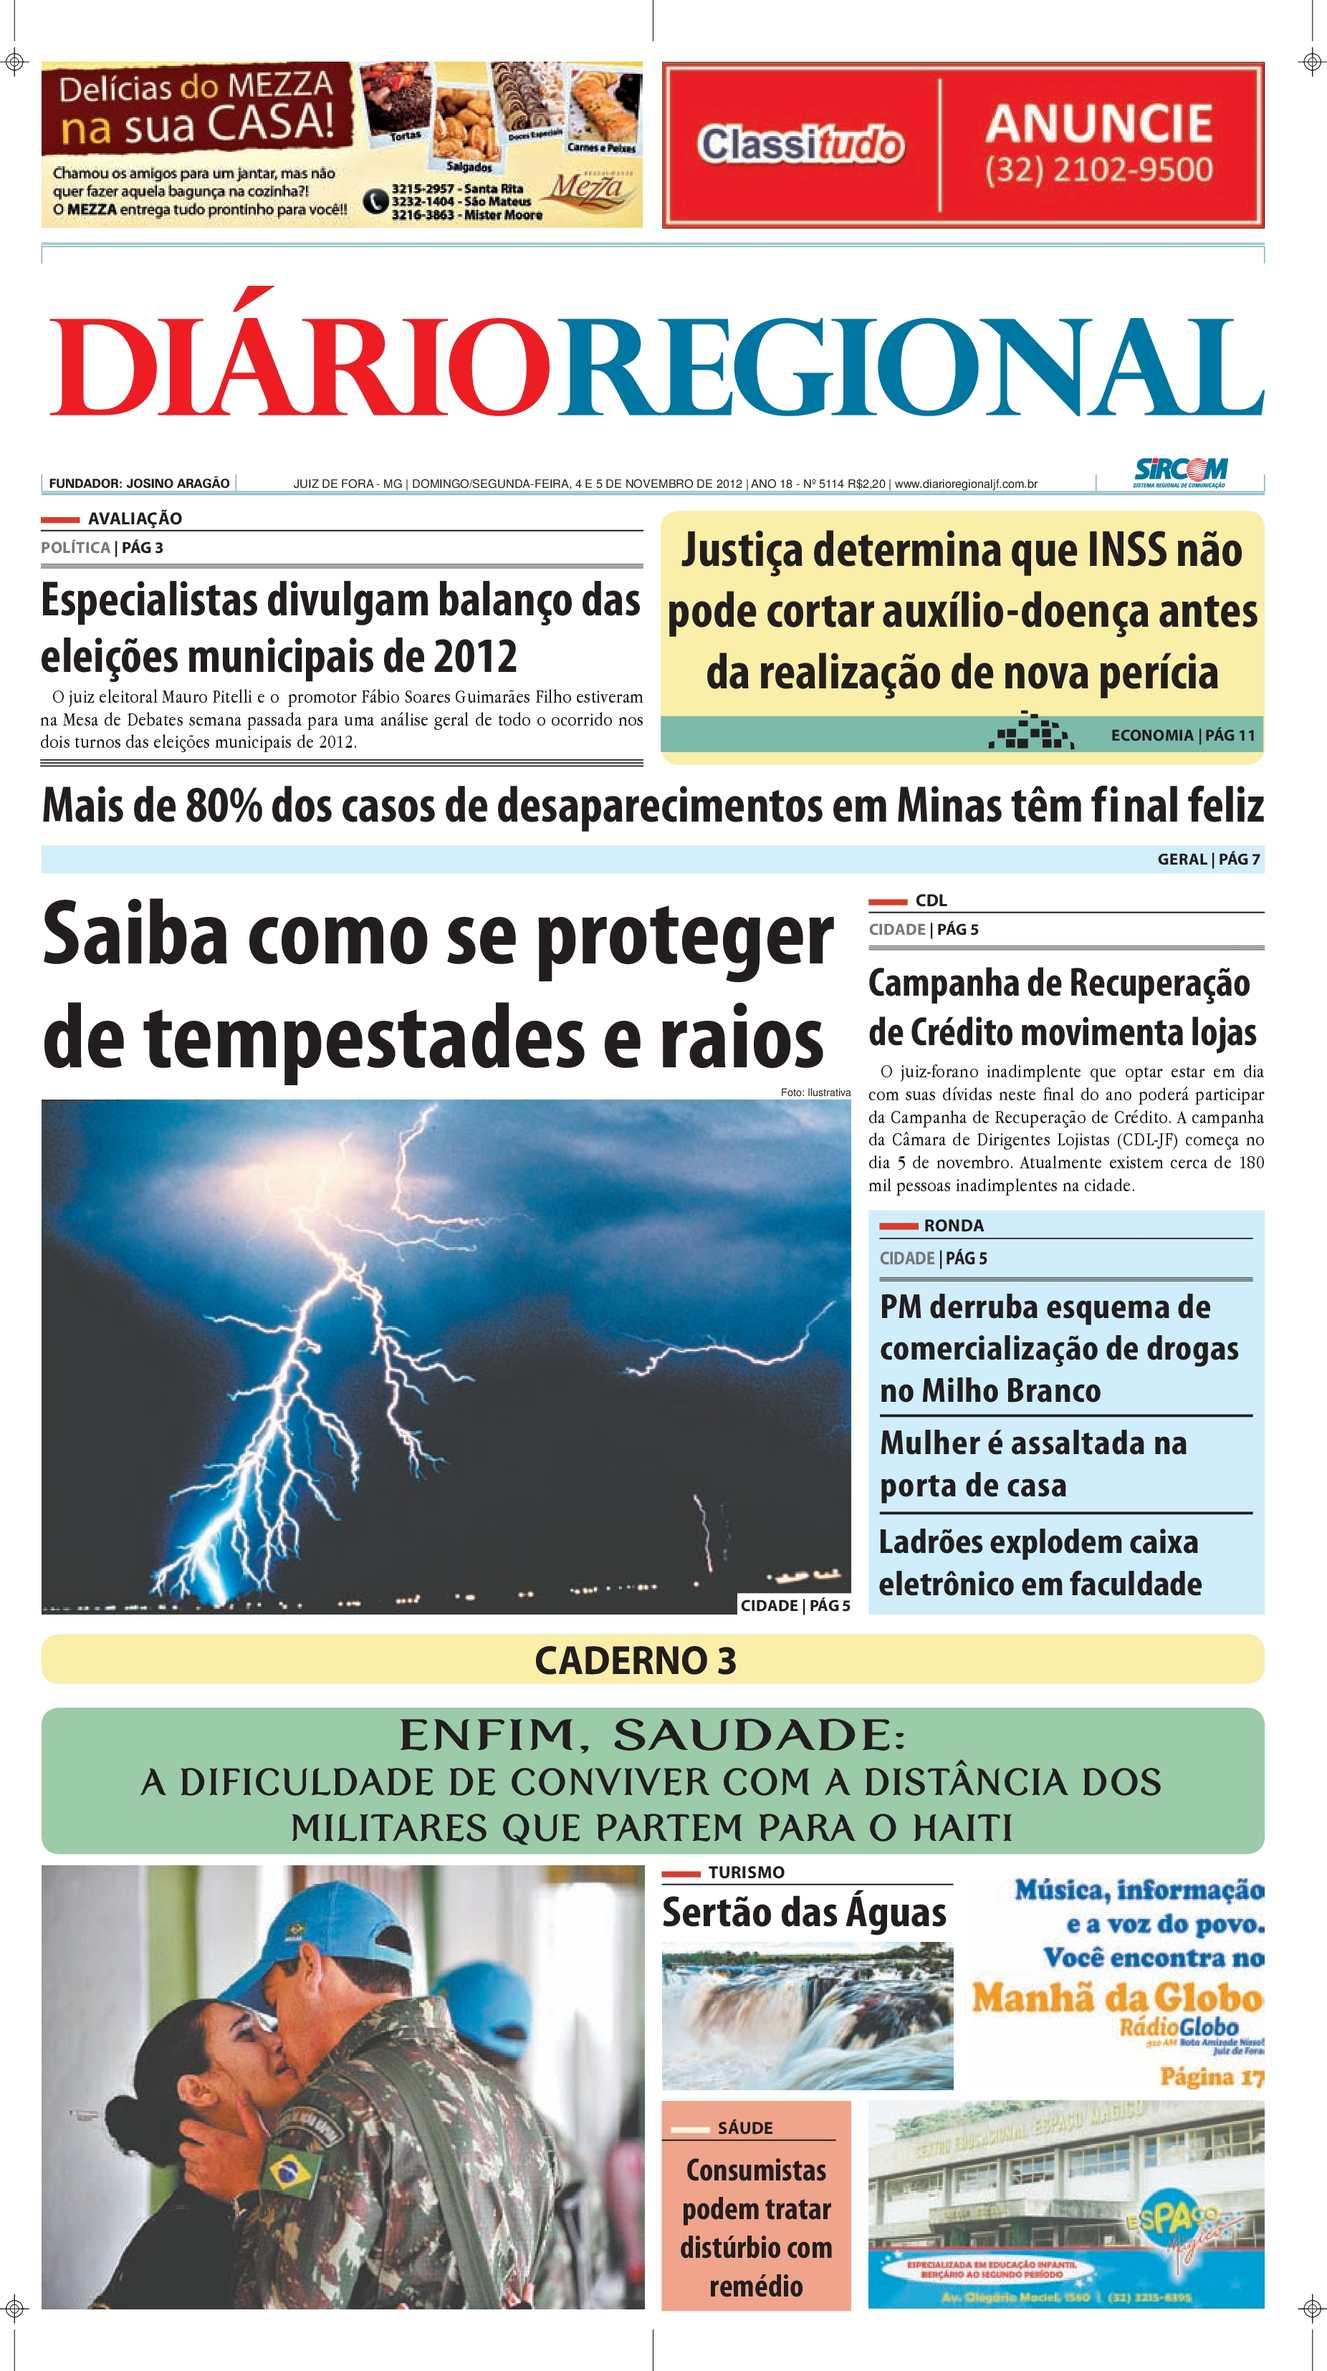 886daf0395 Calaméo - Edição 4 e 5 10 2012